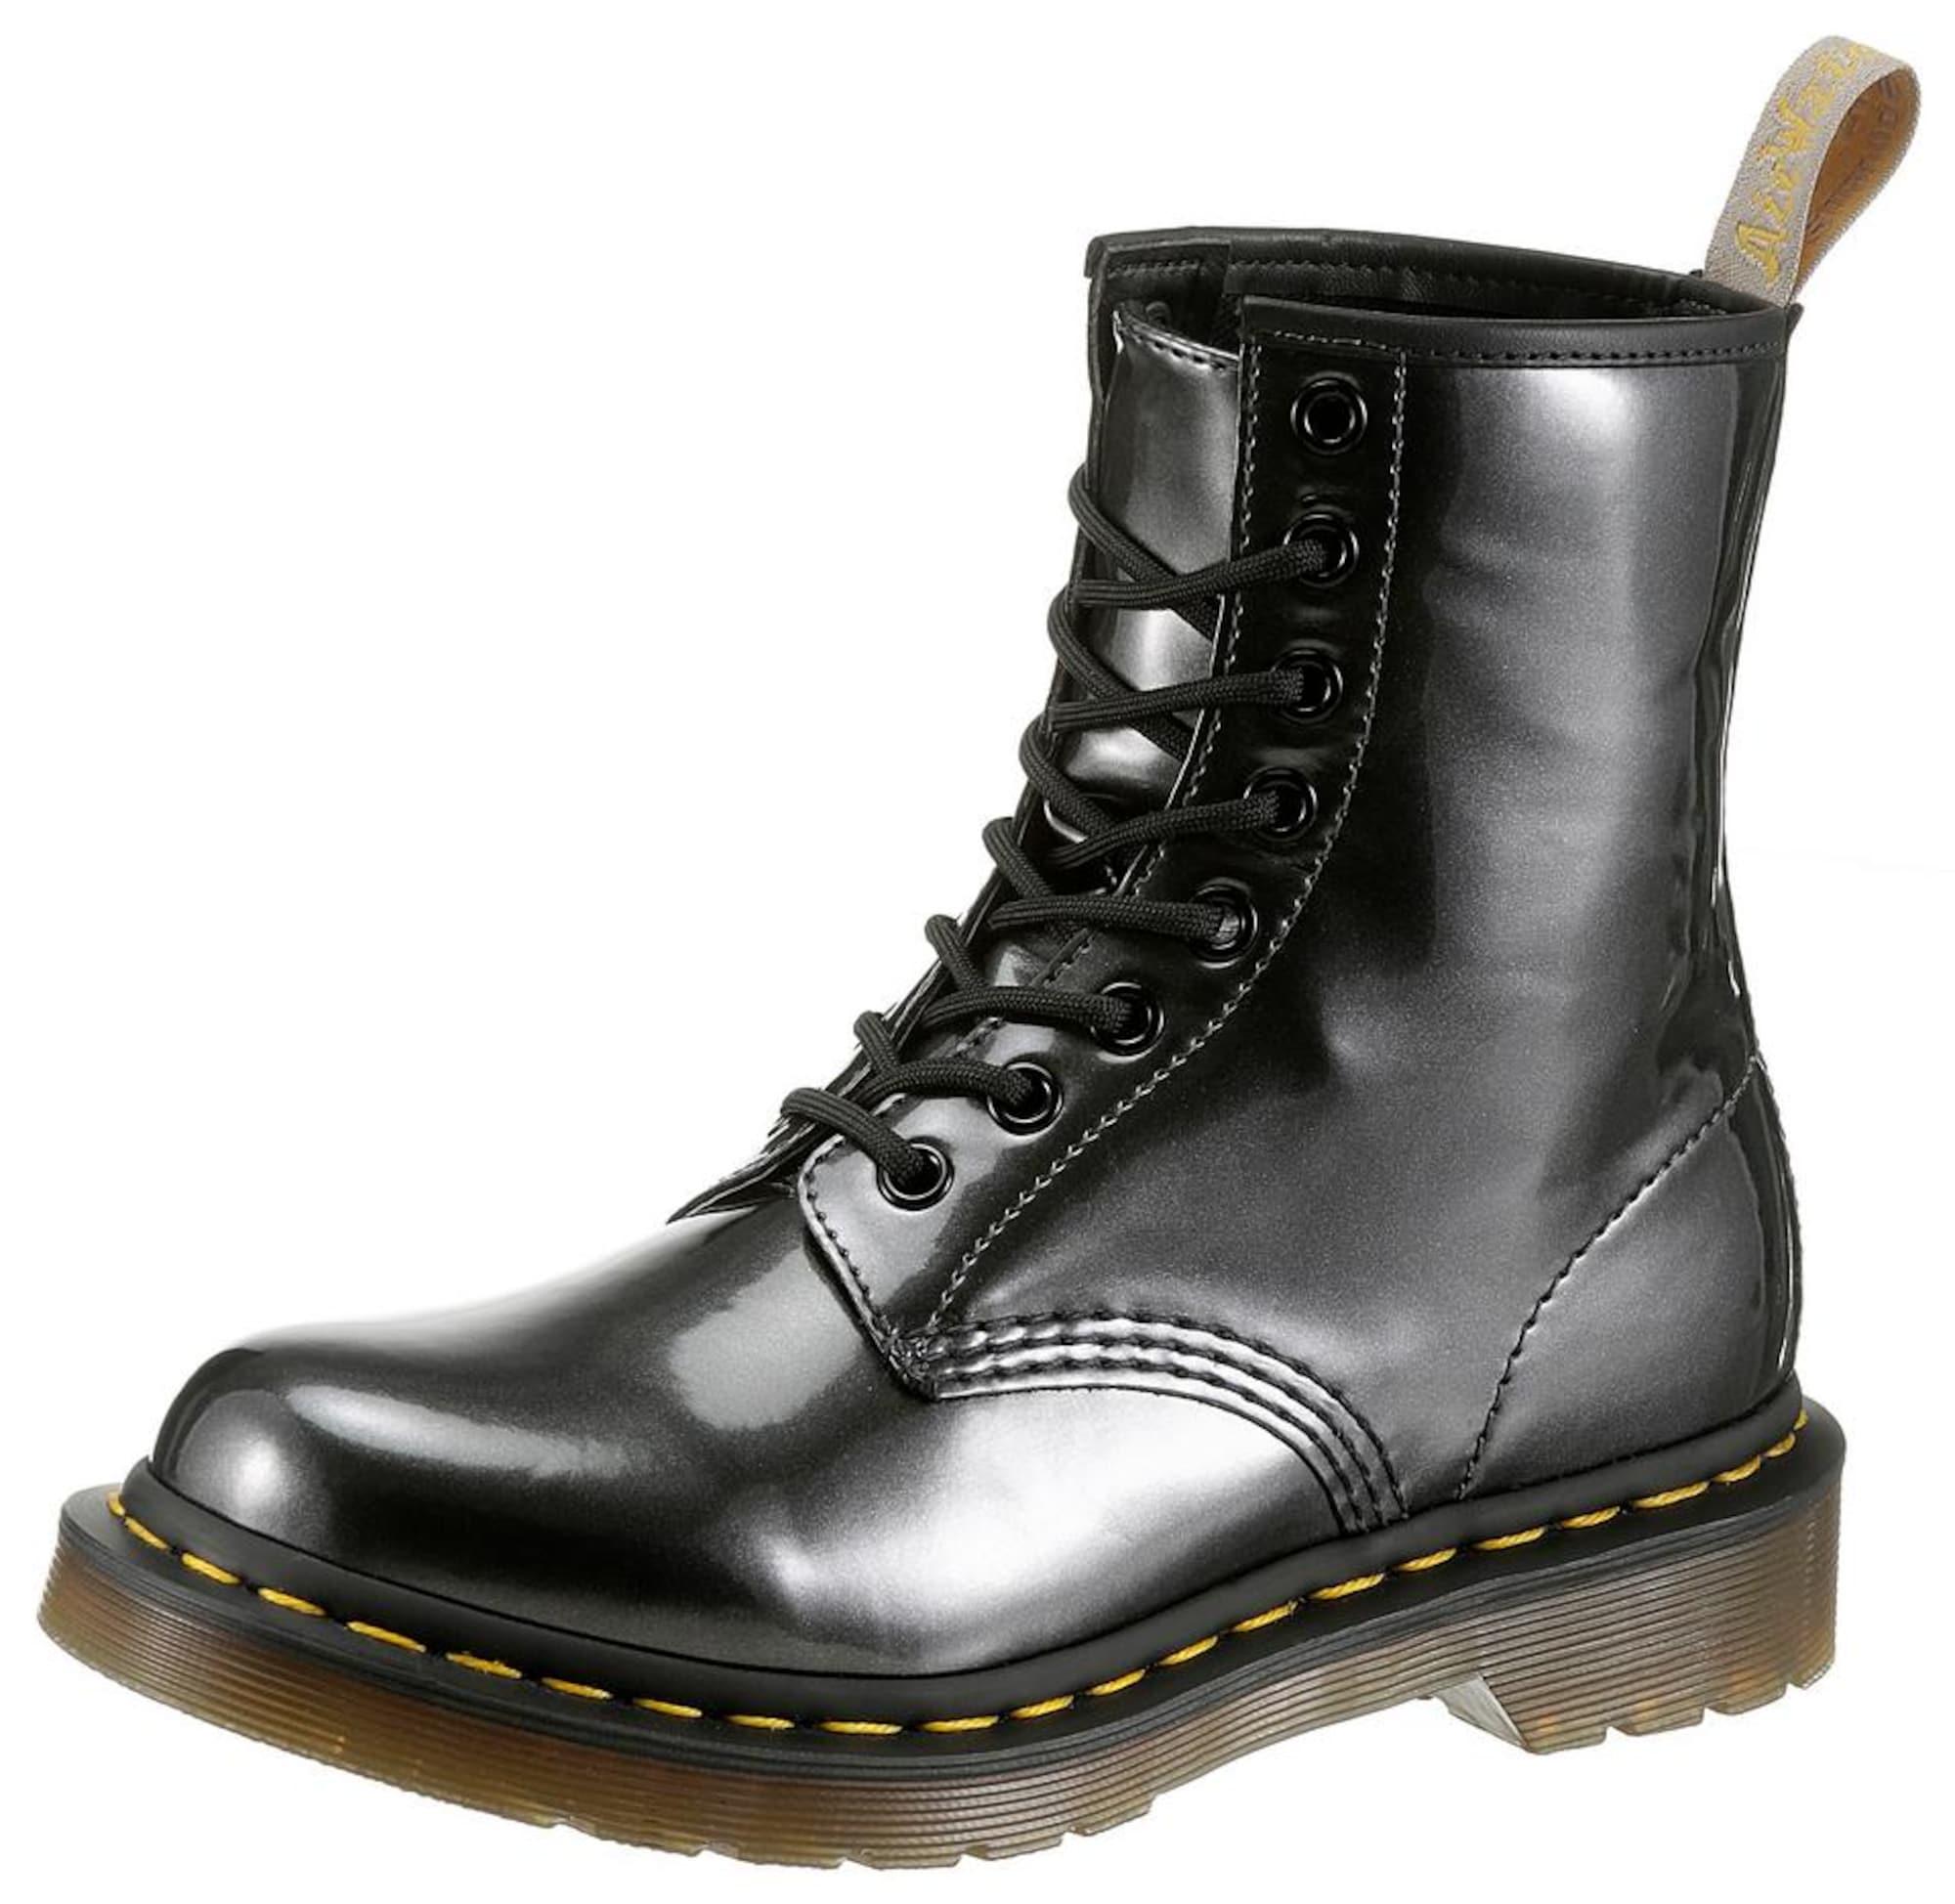 Šněrovací boty Vegan 1460 antracitová Dr. Martens